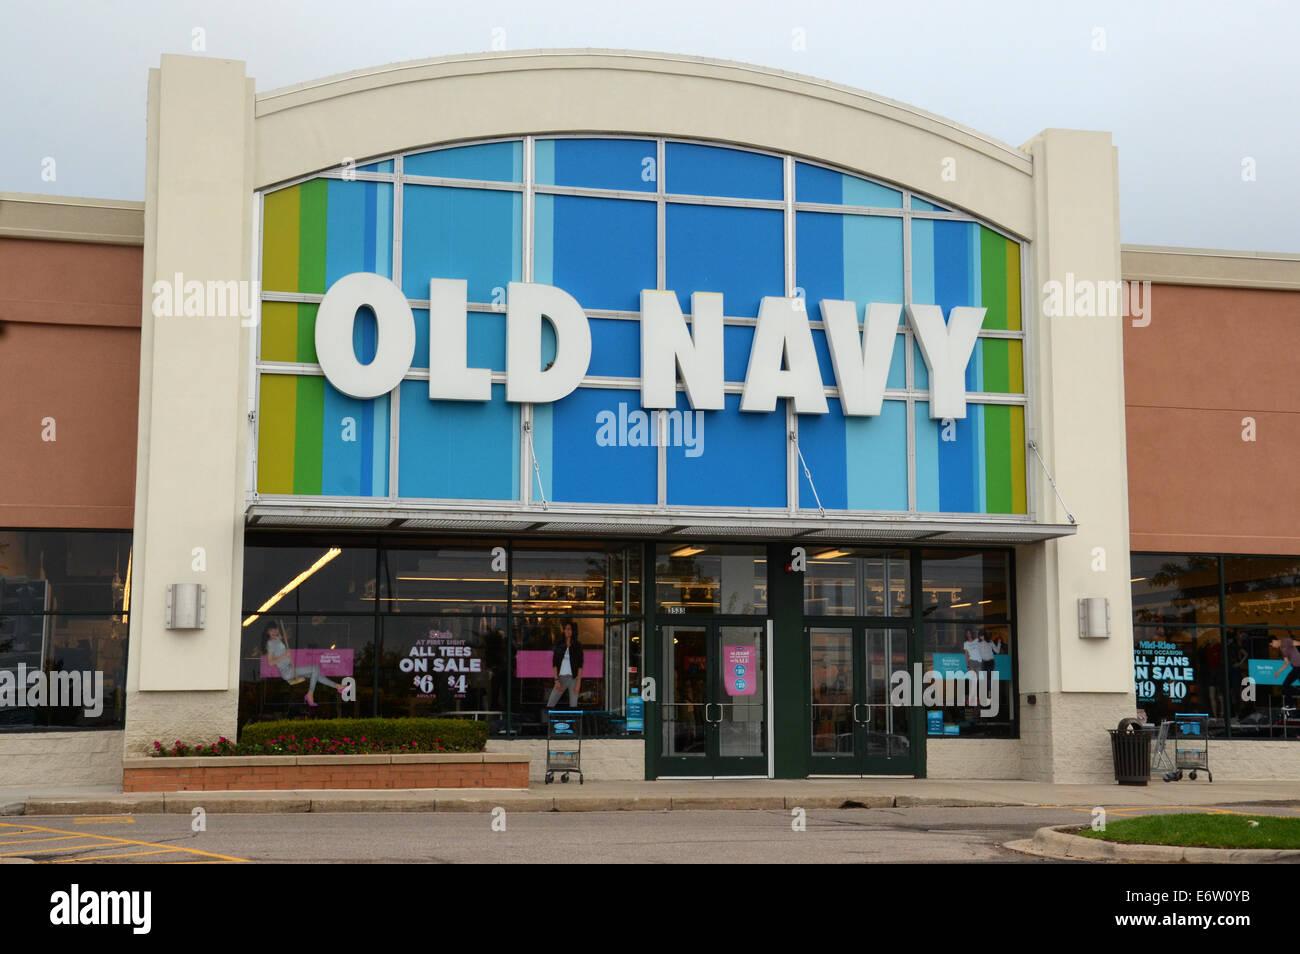 ANN Arbor, MI - Août 24: Chiffre d'affaires à Old Navy Ann Arbor store est affiché le 24 août 2014. Banque D'Images